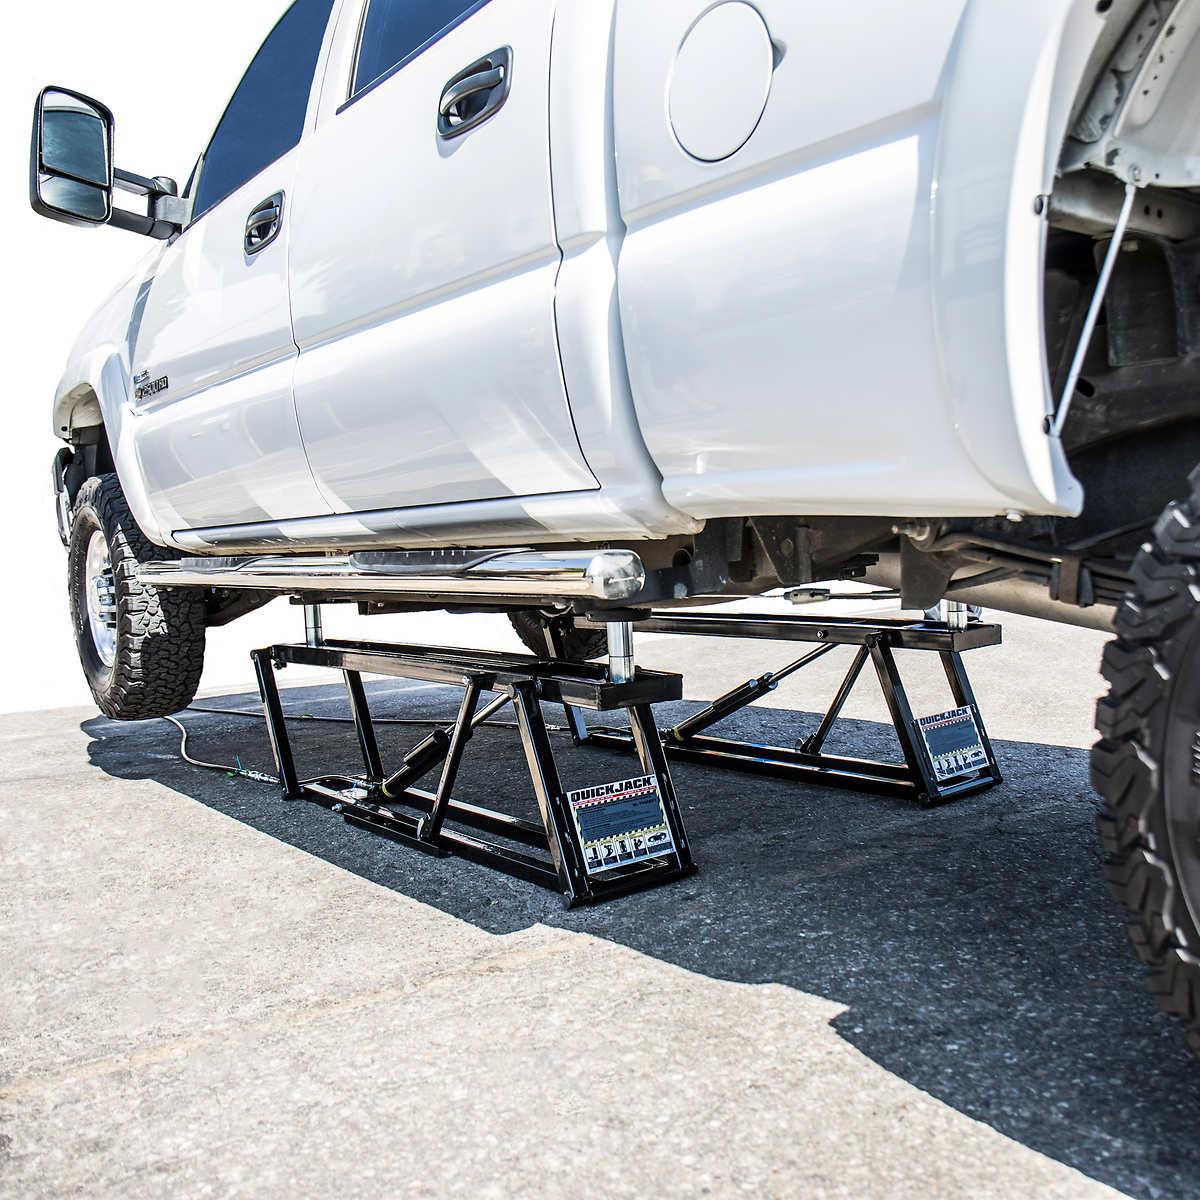 Quickjack Bl 7000slx 3182 Kg 7000 Lb Portable Car Lifting System